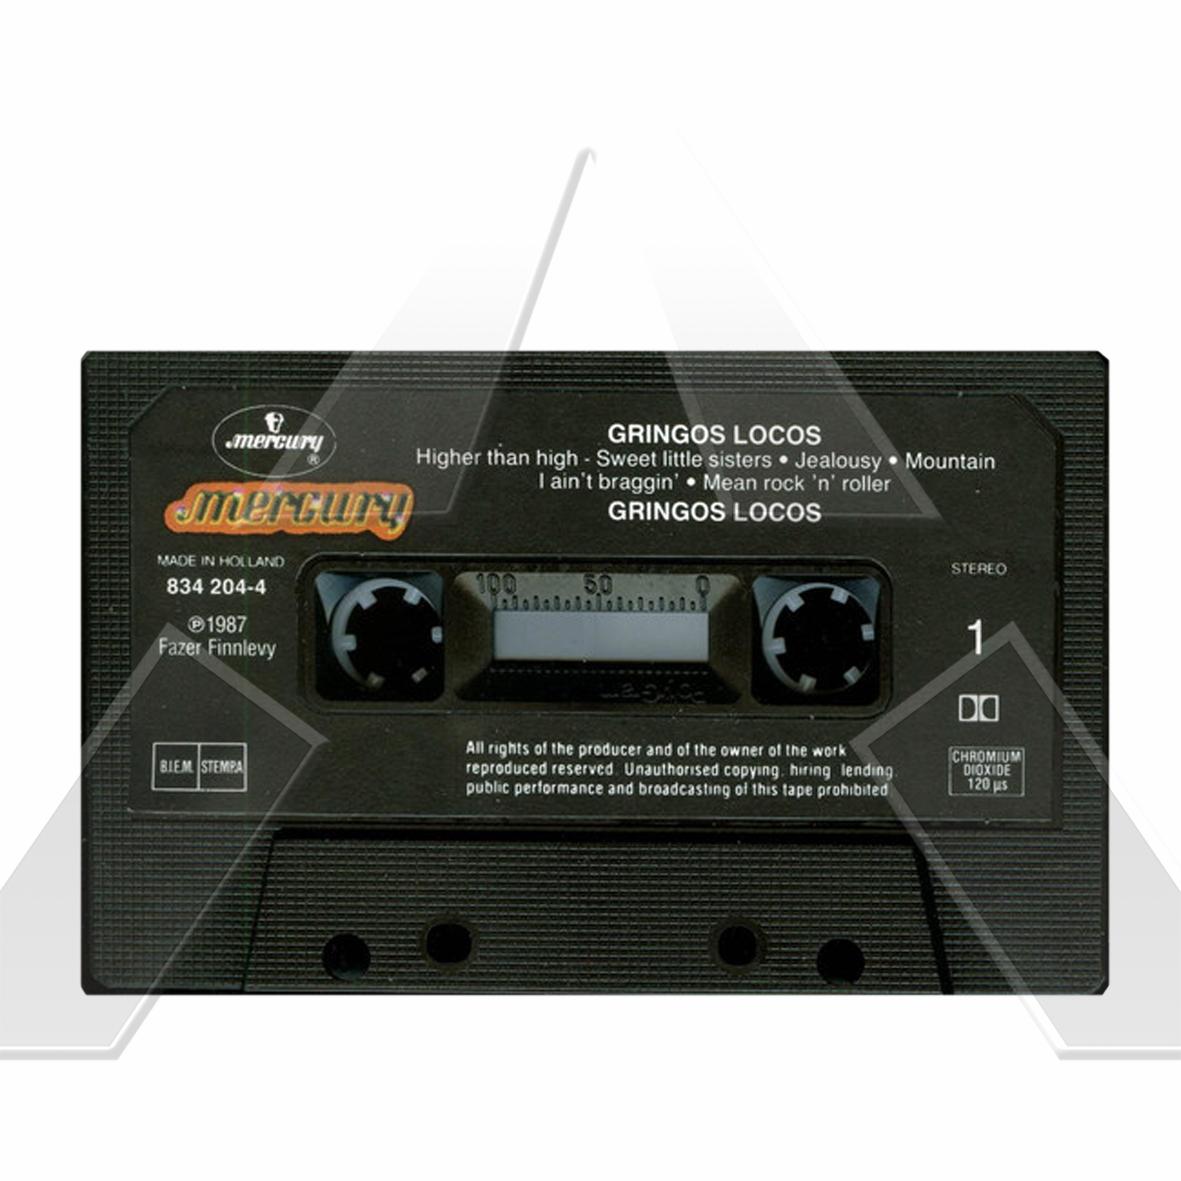 Gringos Locos ★ Gringos Locos (c-cassette EU 8342044)